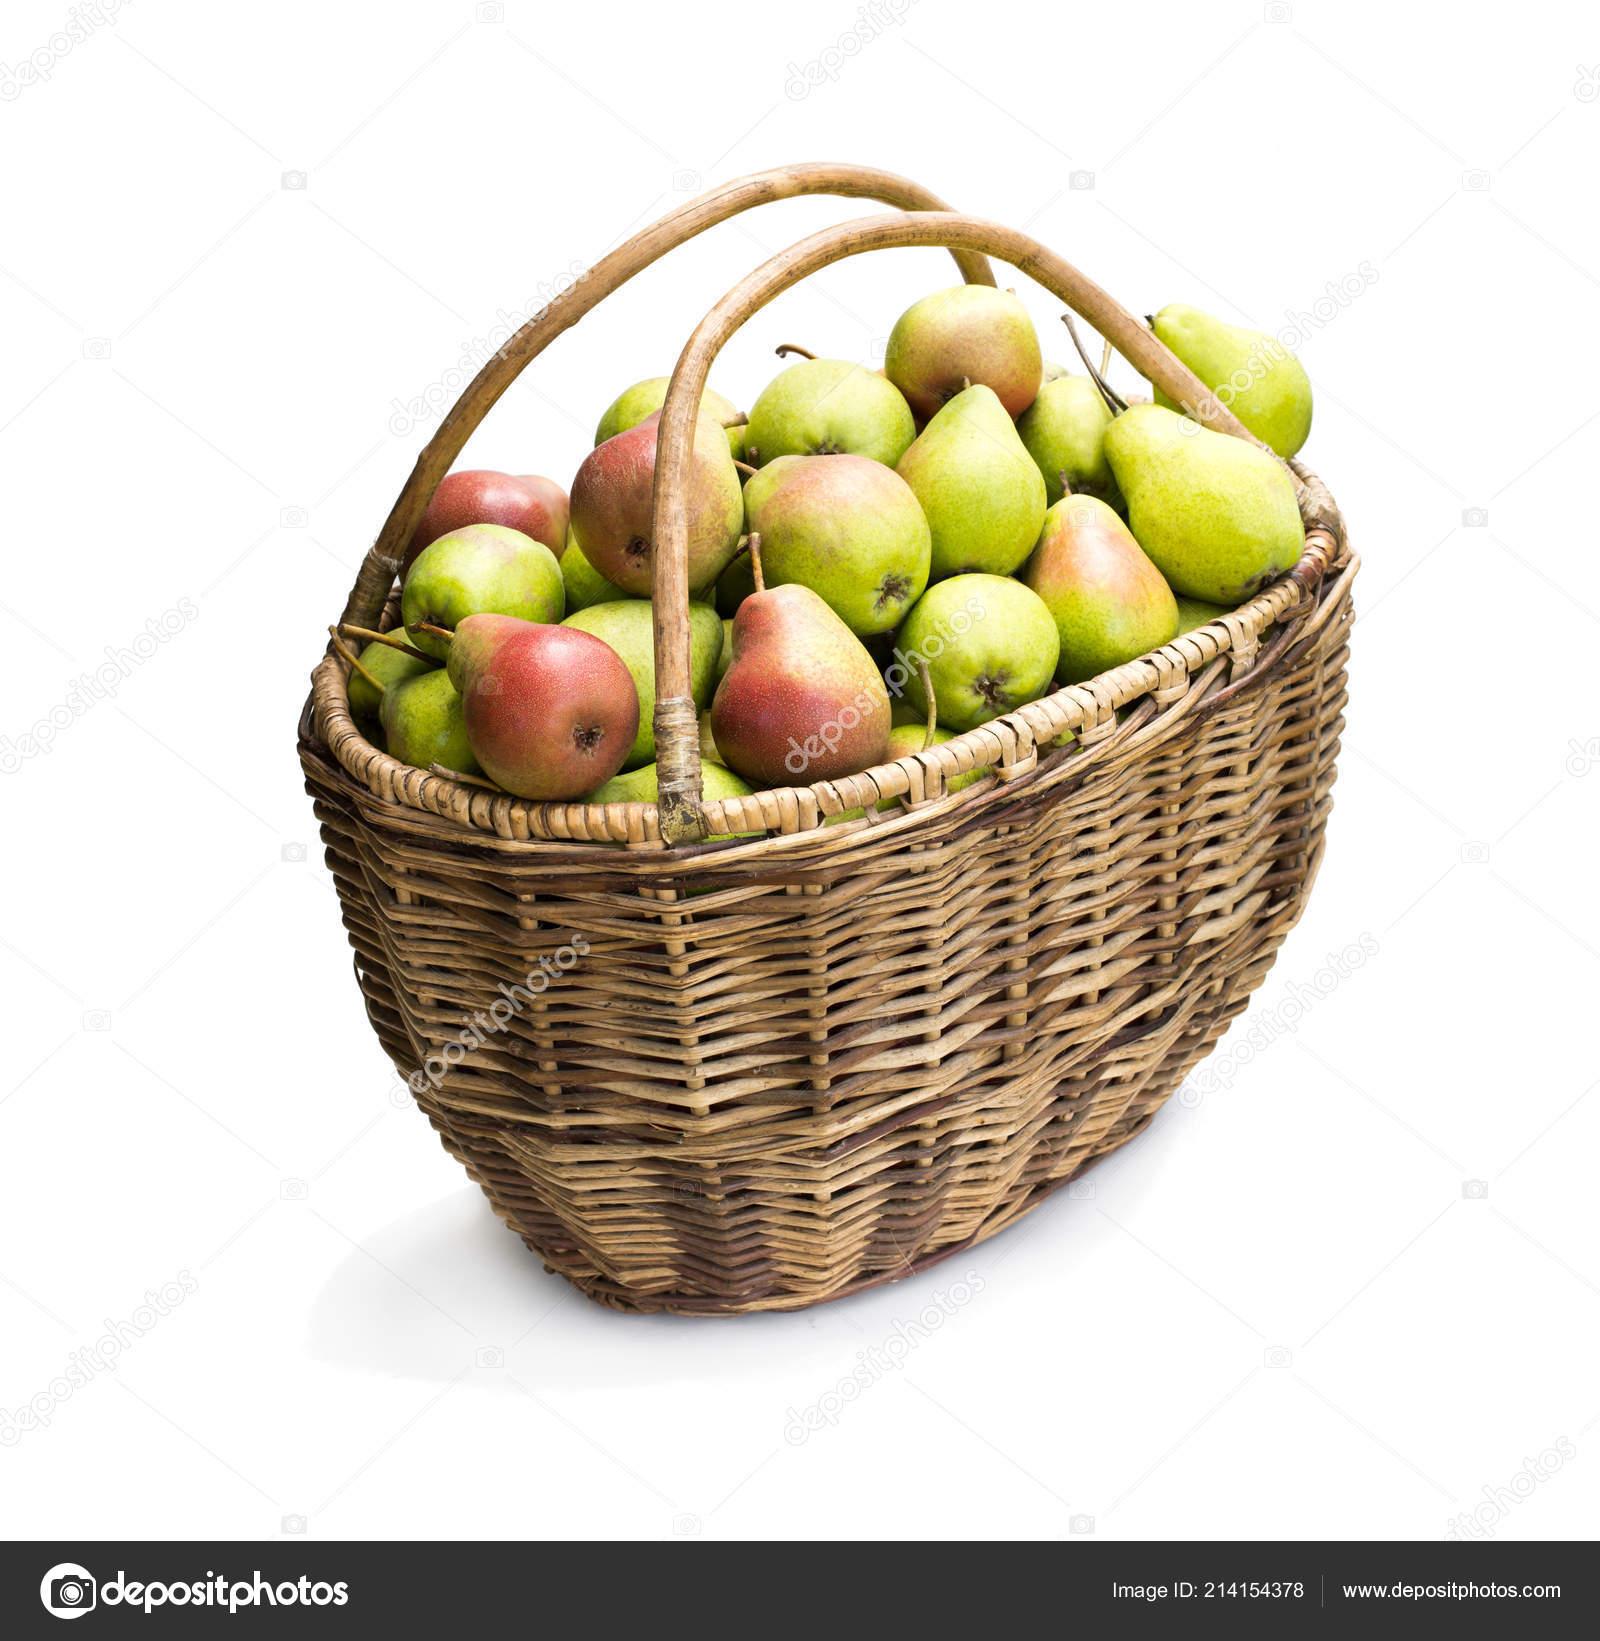 Garden Trading Harvest Basket Rope Handles Full Fresh Pears Isolated ...